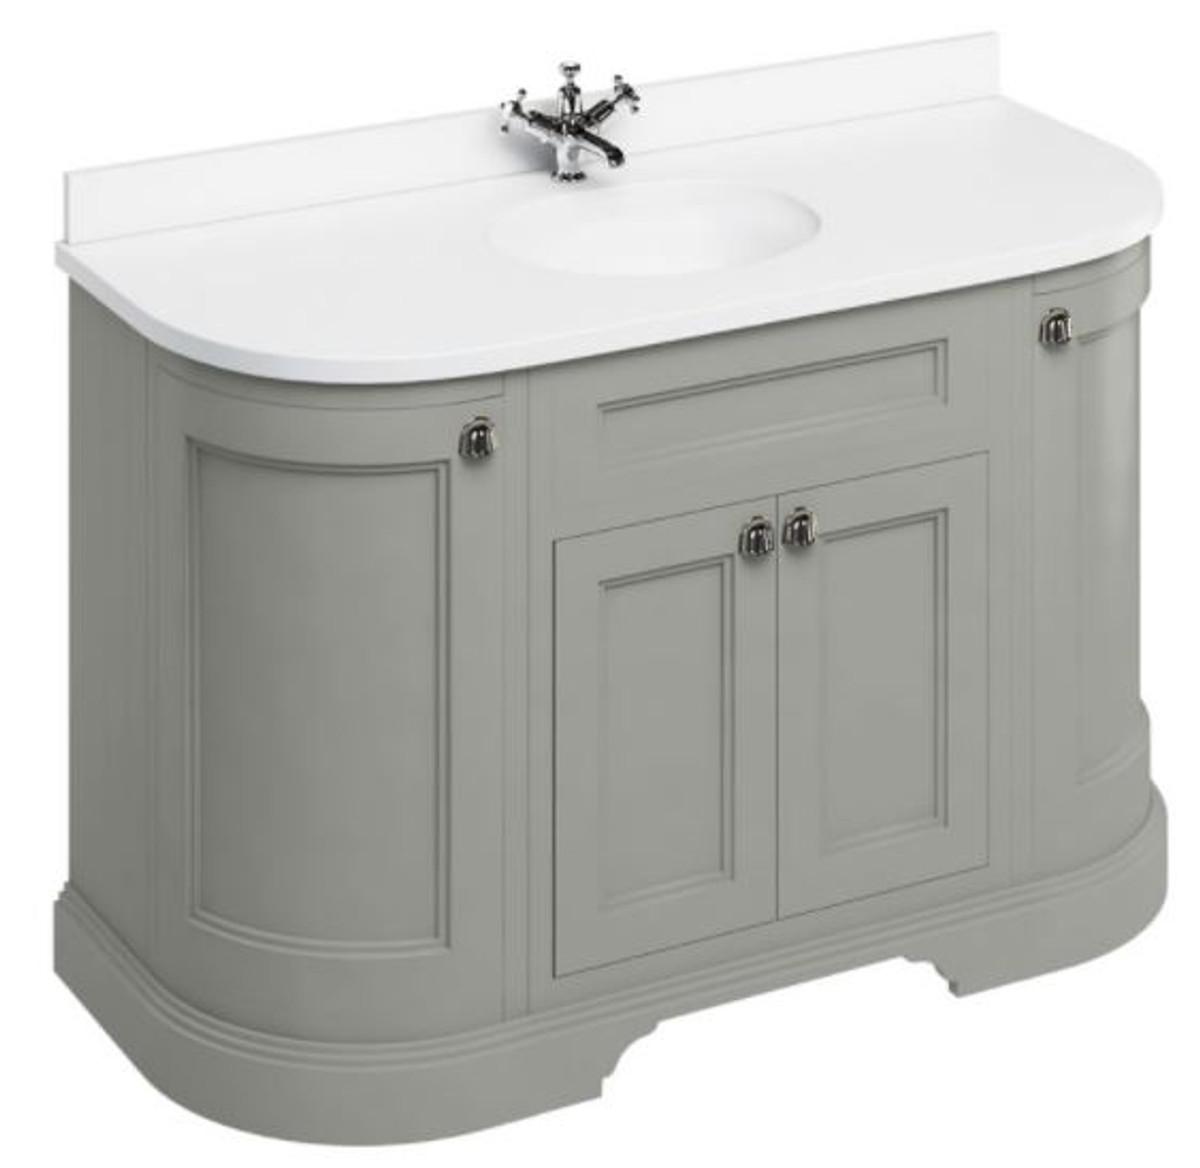 casa padrino waschschrank waschtisch mit marmorplatte und 4 t ren 134 x 55 x h 93 cm. Black Bedroom Furniture Sets. Home Design Ideas